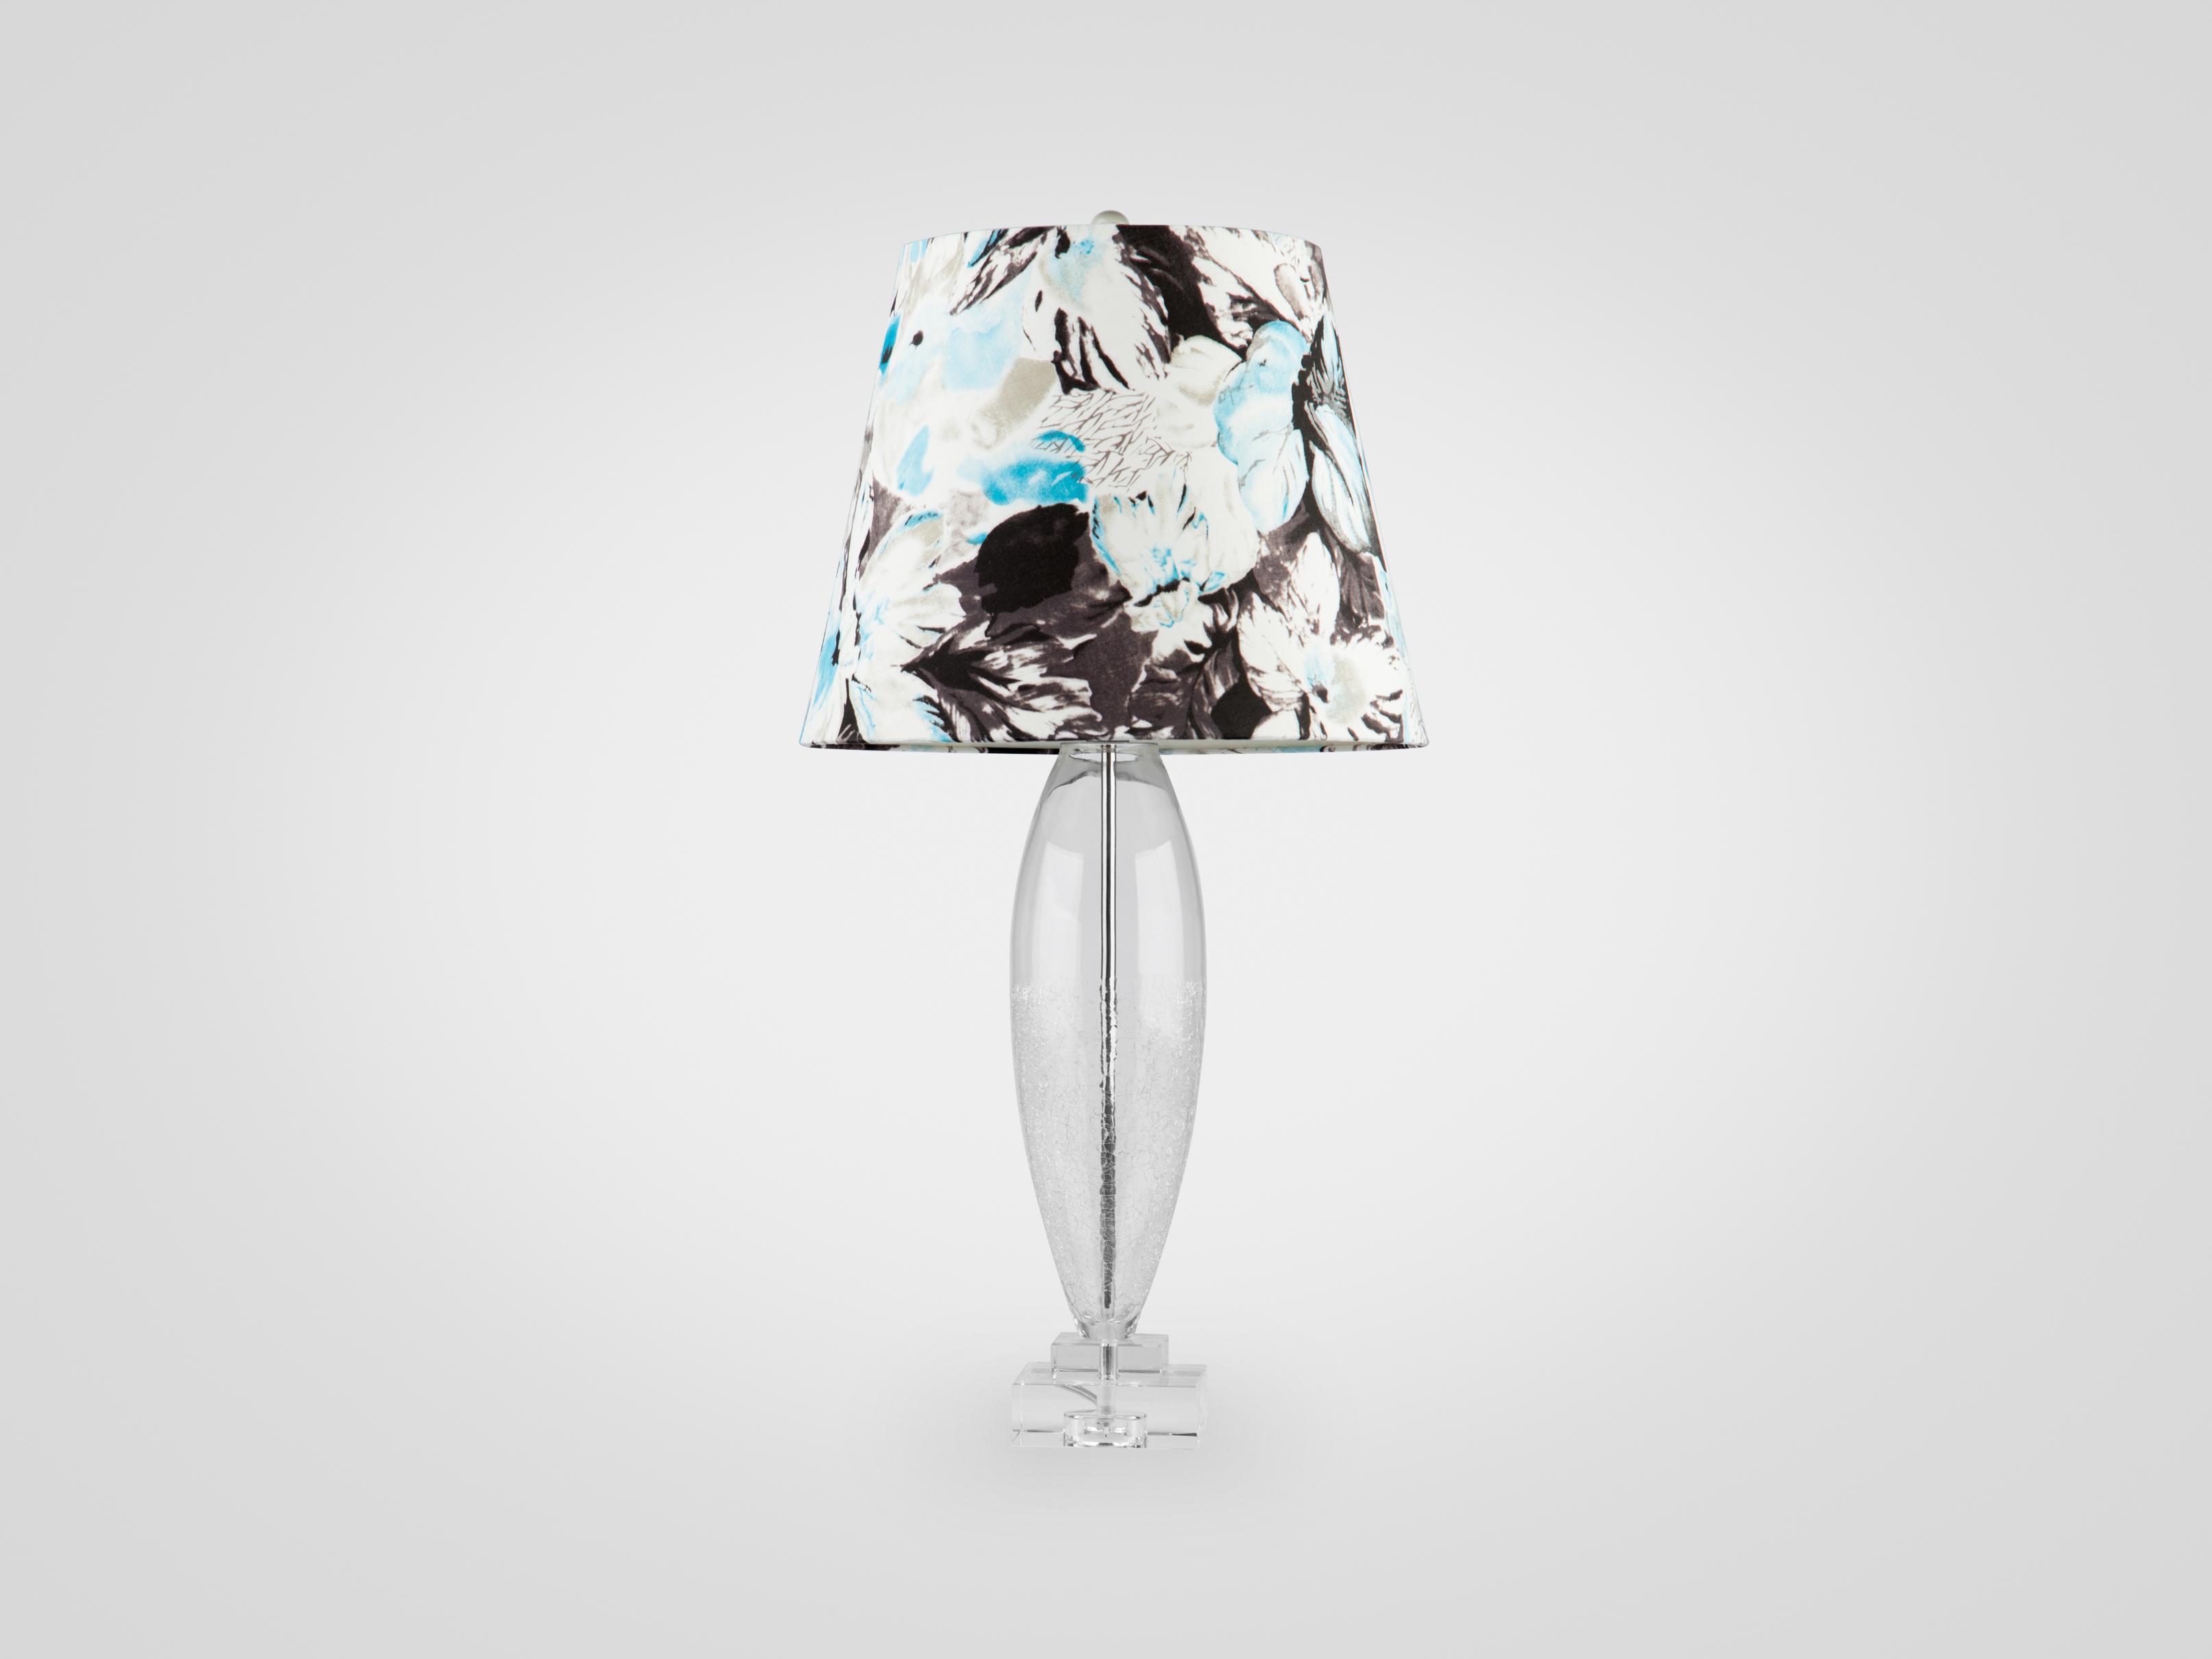 Купить Лампа из стекла на прозрачной стеклянной ножке с эффектом битого стекла, inmyroom, Китай